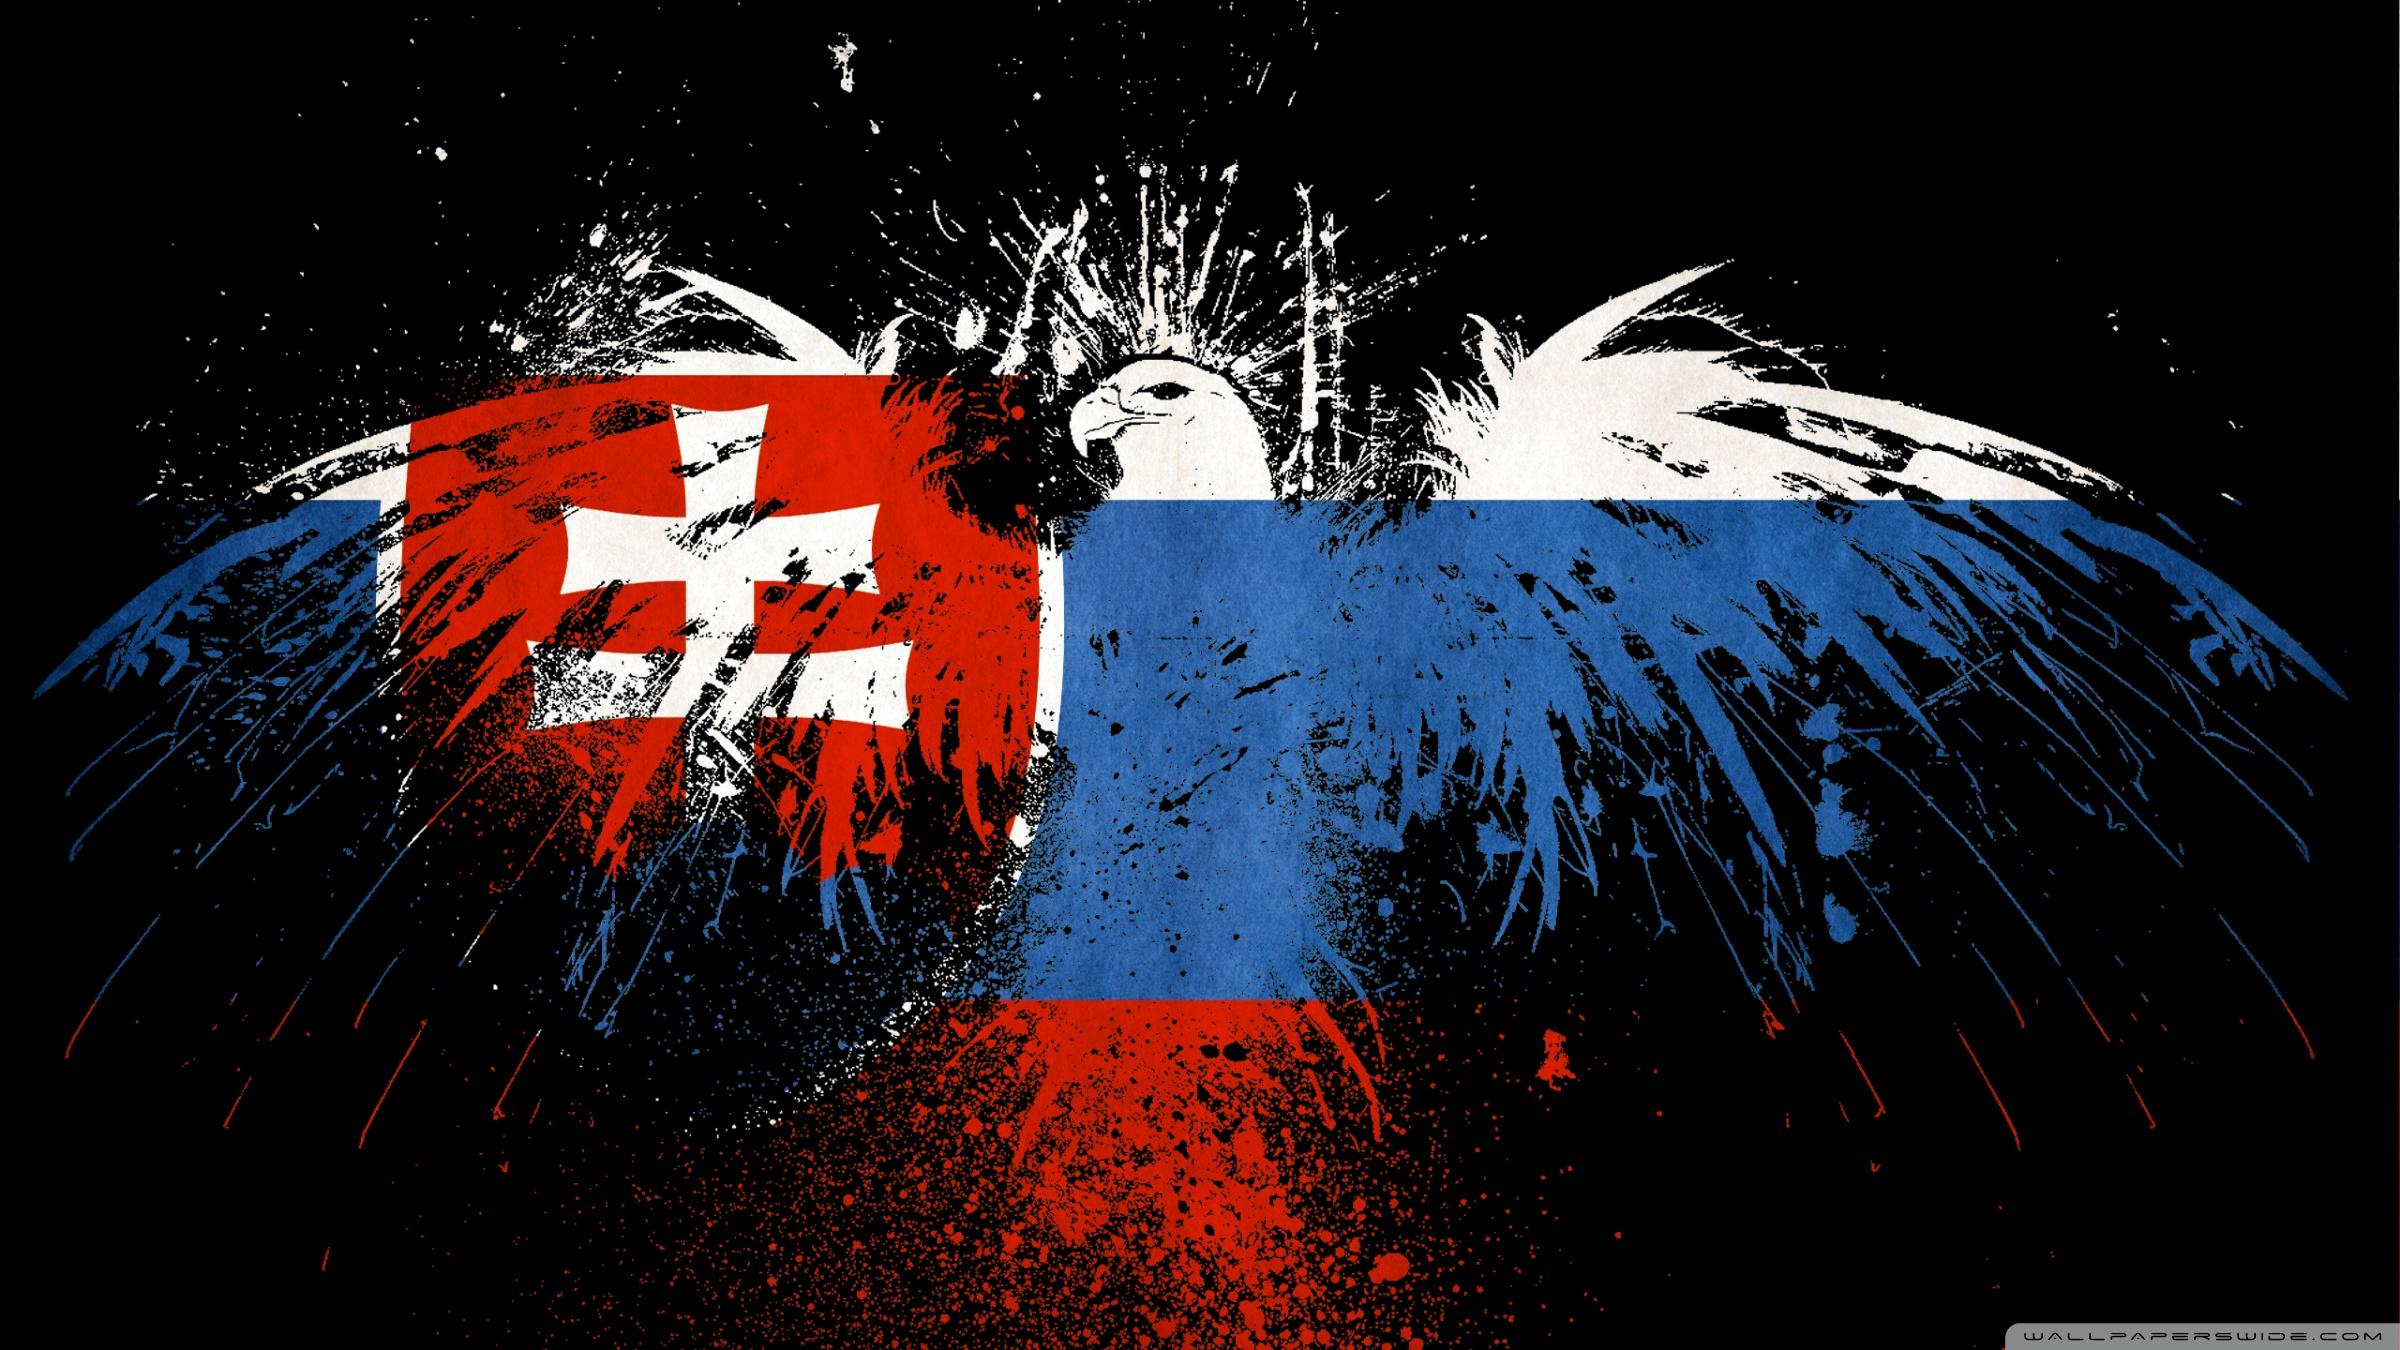 Grunge Flag Of Slovakia 4K HD Desktop Wallpaper for 4K Ultra HD 2400x1350